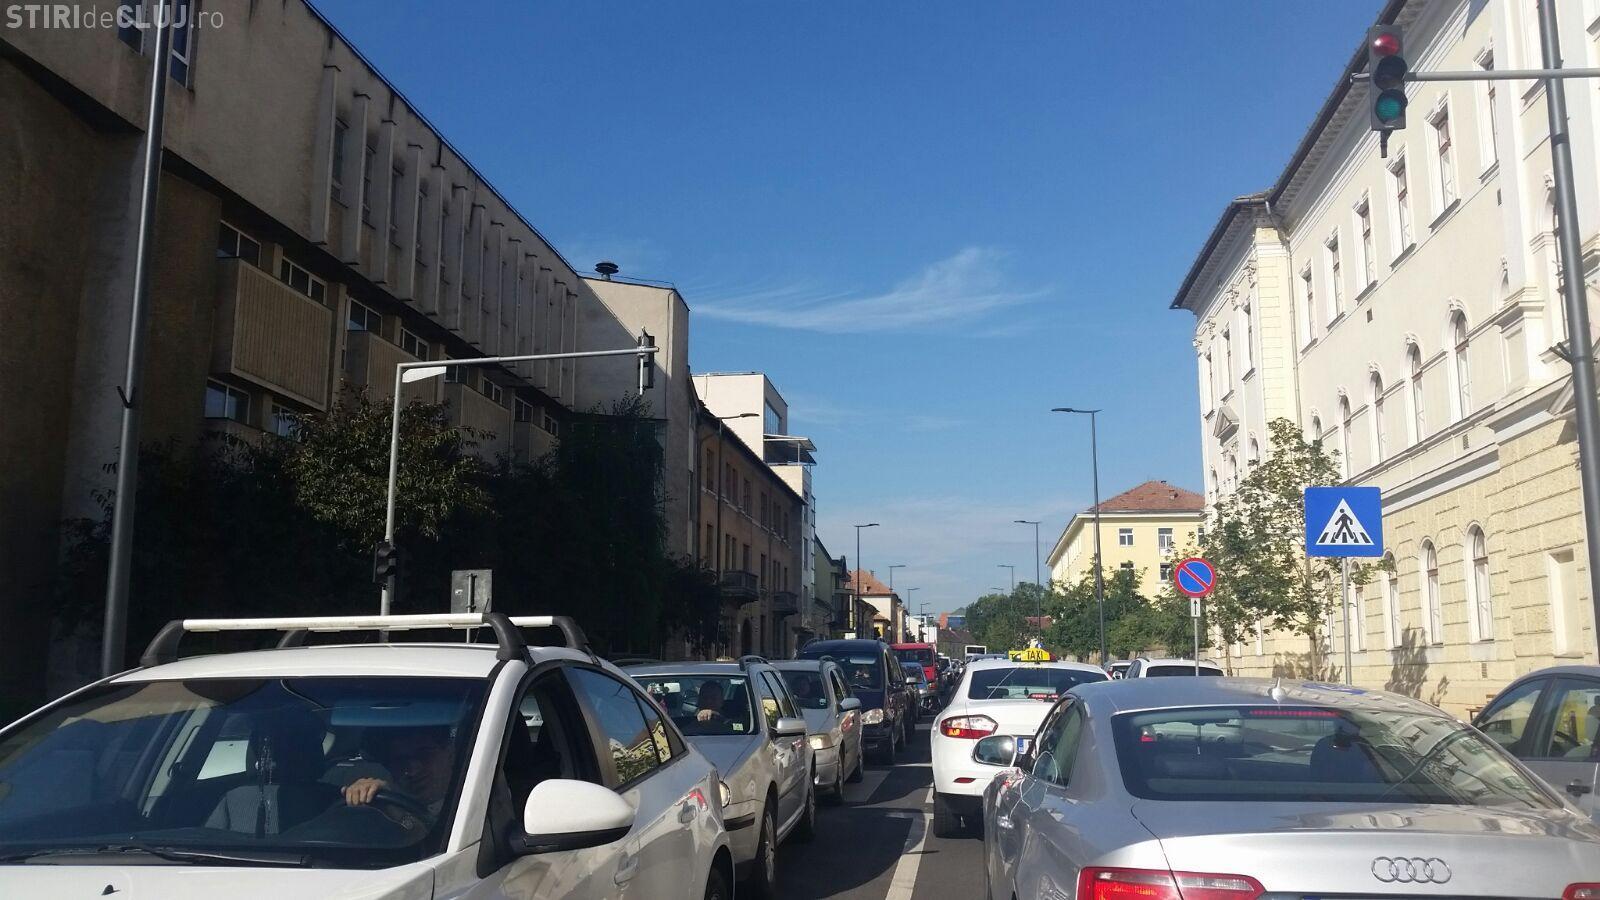 Parada militară blochează traficul în Cluj. Are dreptate Gabriela Firea cu interzicerea evenimentelor în centru? FOTO/VIDEO